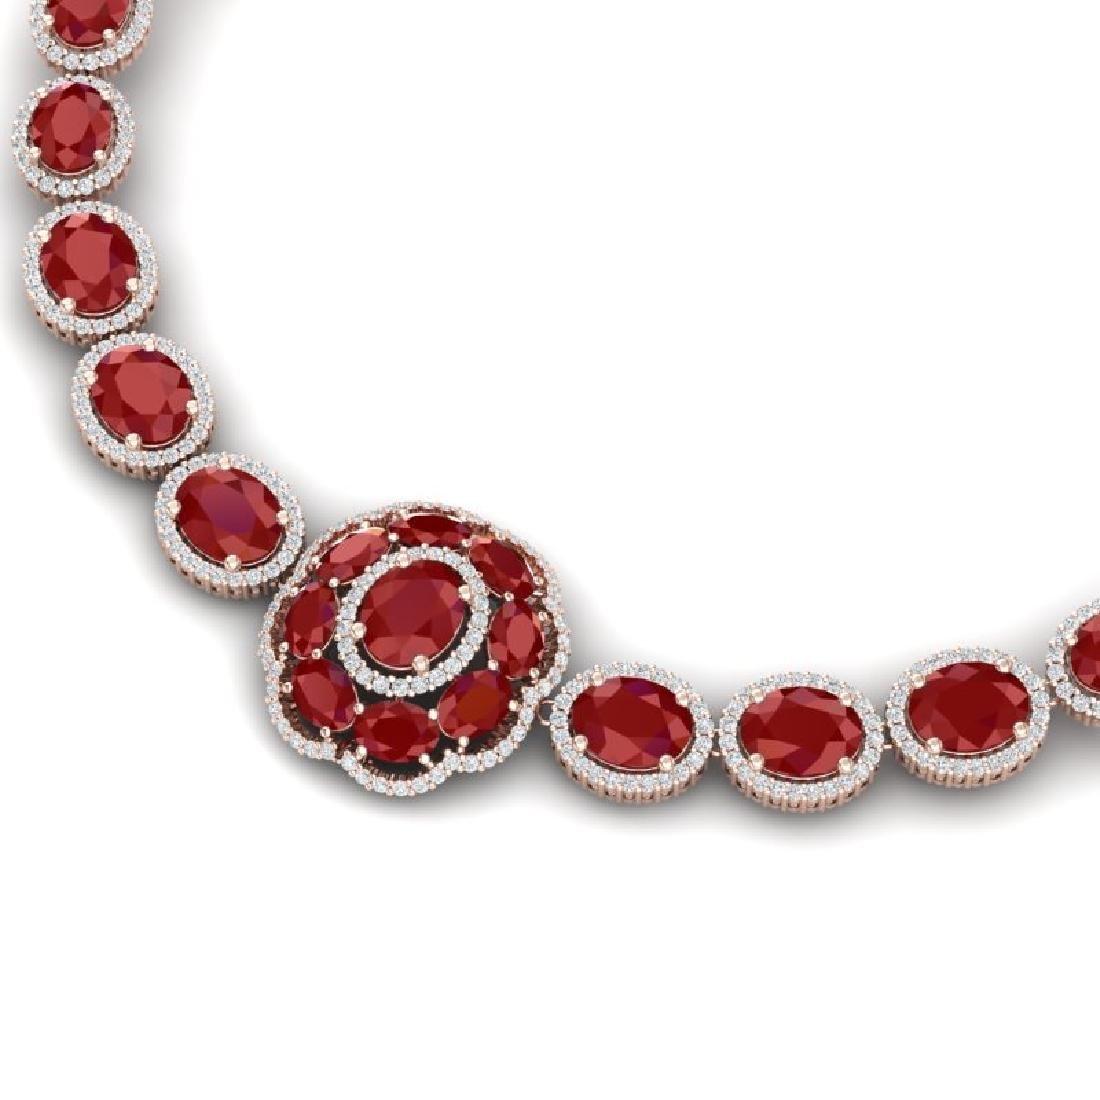 58.33 CTW Royalty Ruby & VS Diamond Necklace 18K Rose